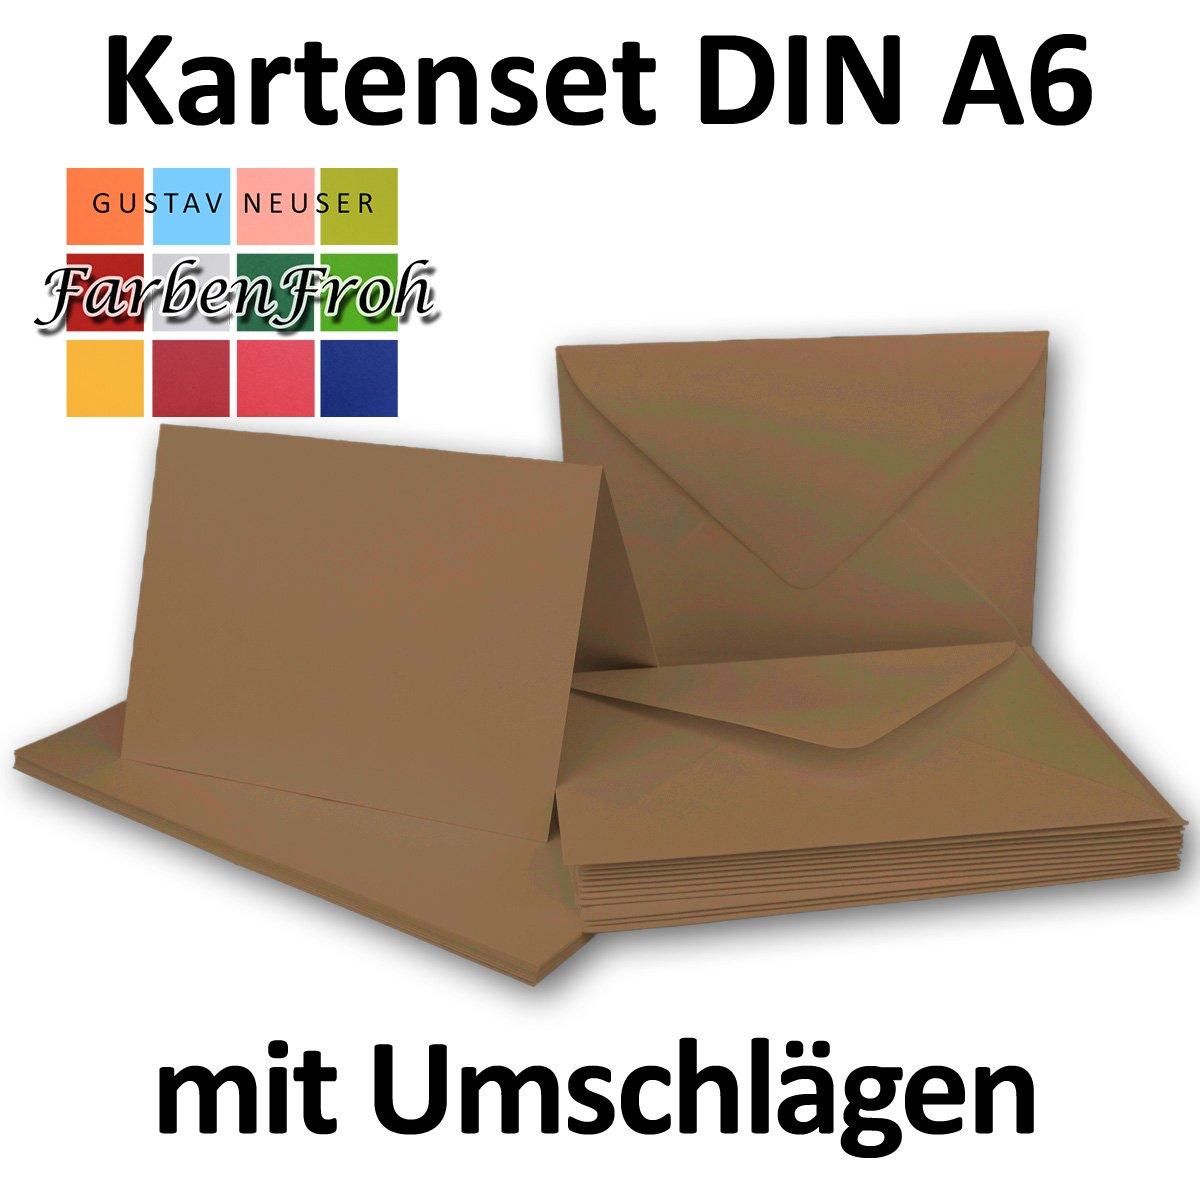 Faltkarten Set mit Brief-Umschlägen DIN A6   C6 C6 C6 in Rosanrot   100 Sets   14,8 x 10,5 cm   Premium Qualität   Serie FarbenFroh® B07B2X5DZF | Luxus  4ff025